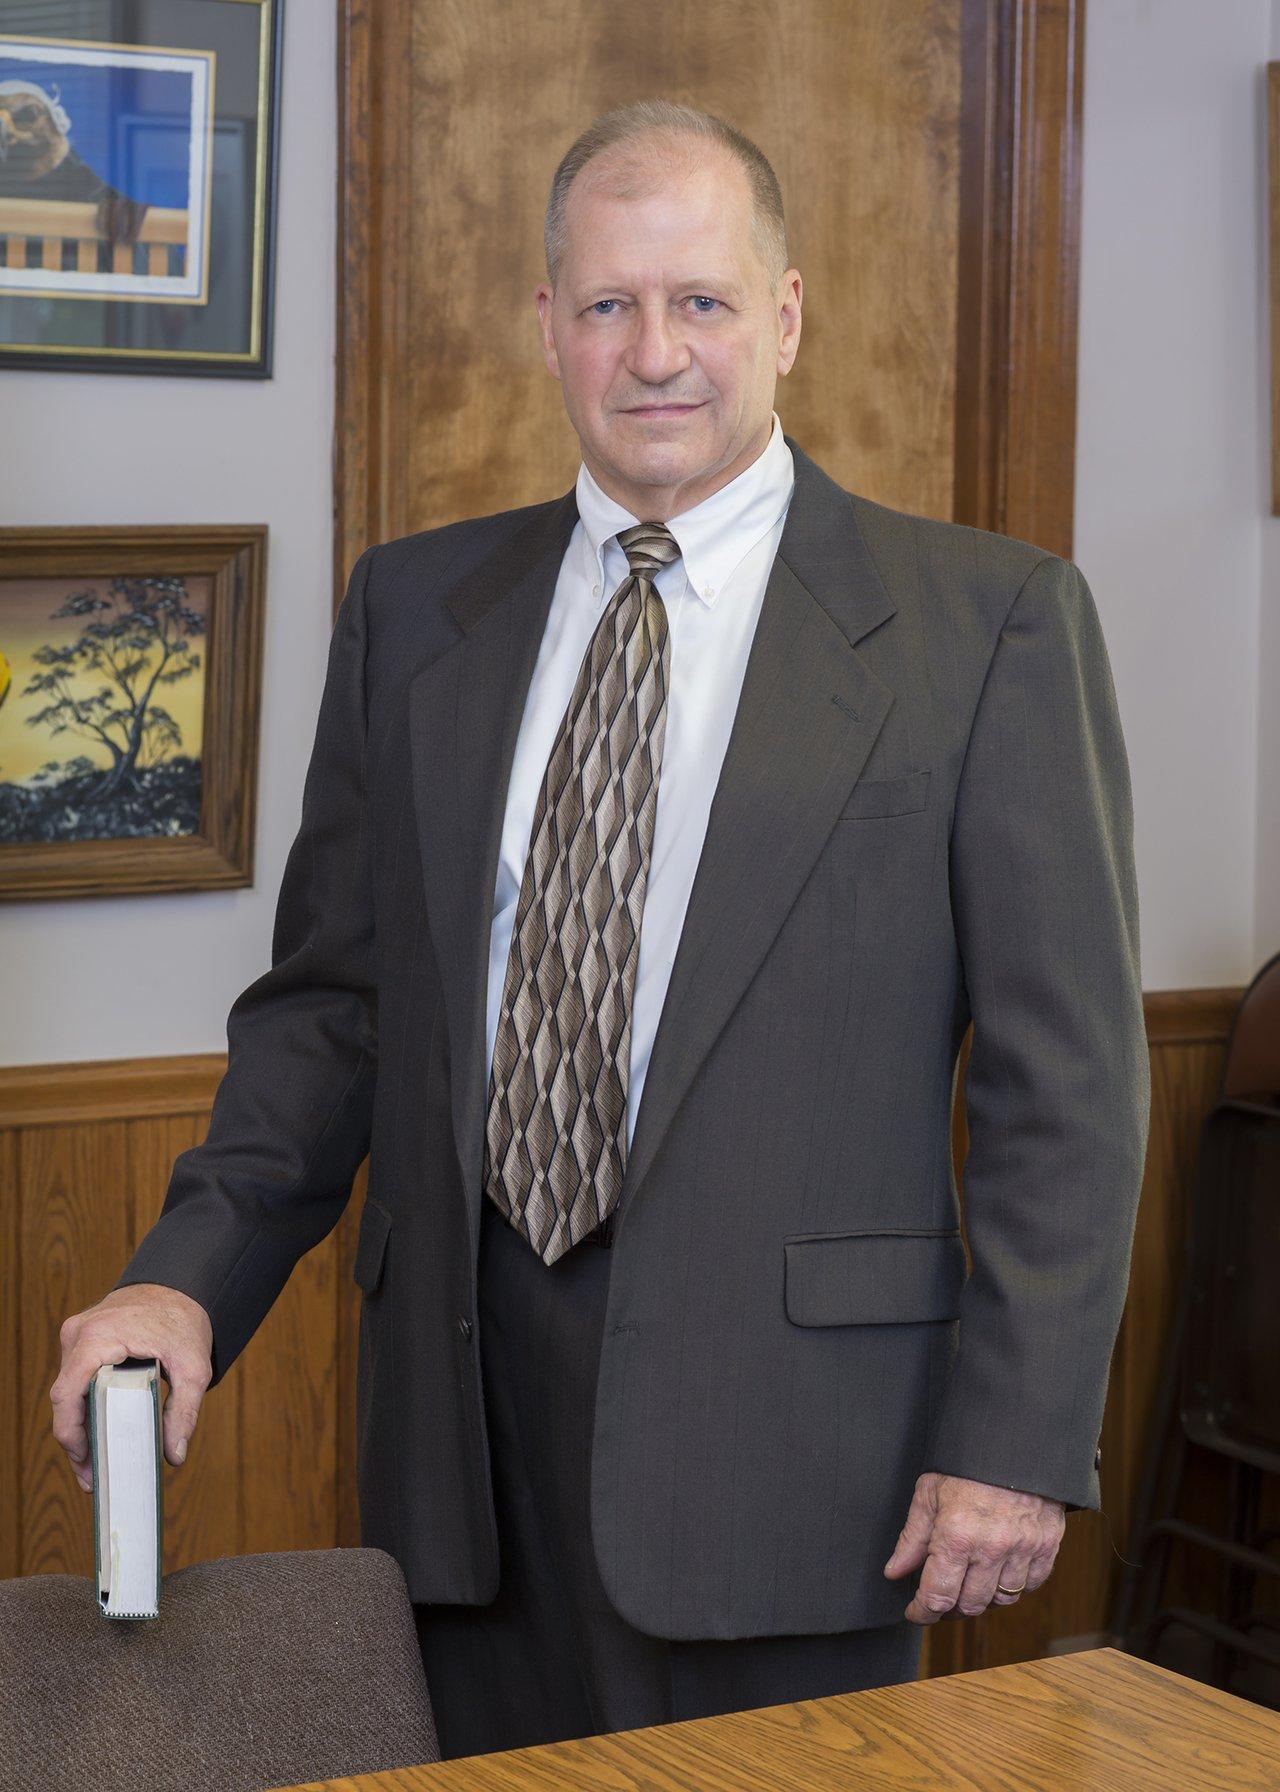 Alan L. Pepicelli